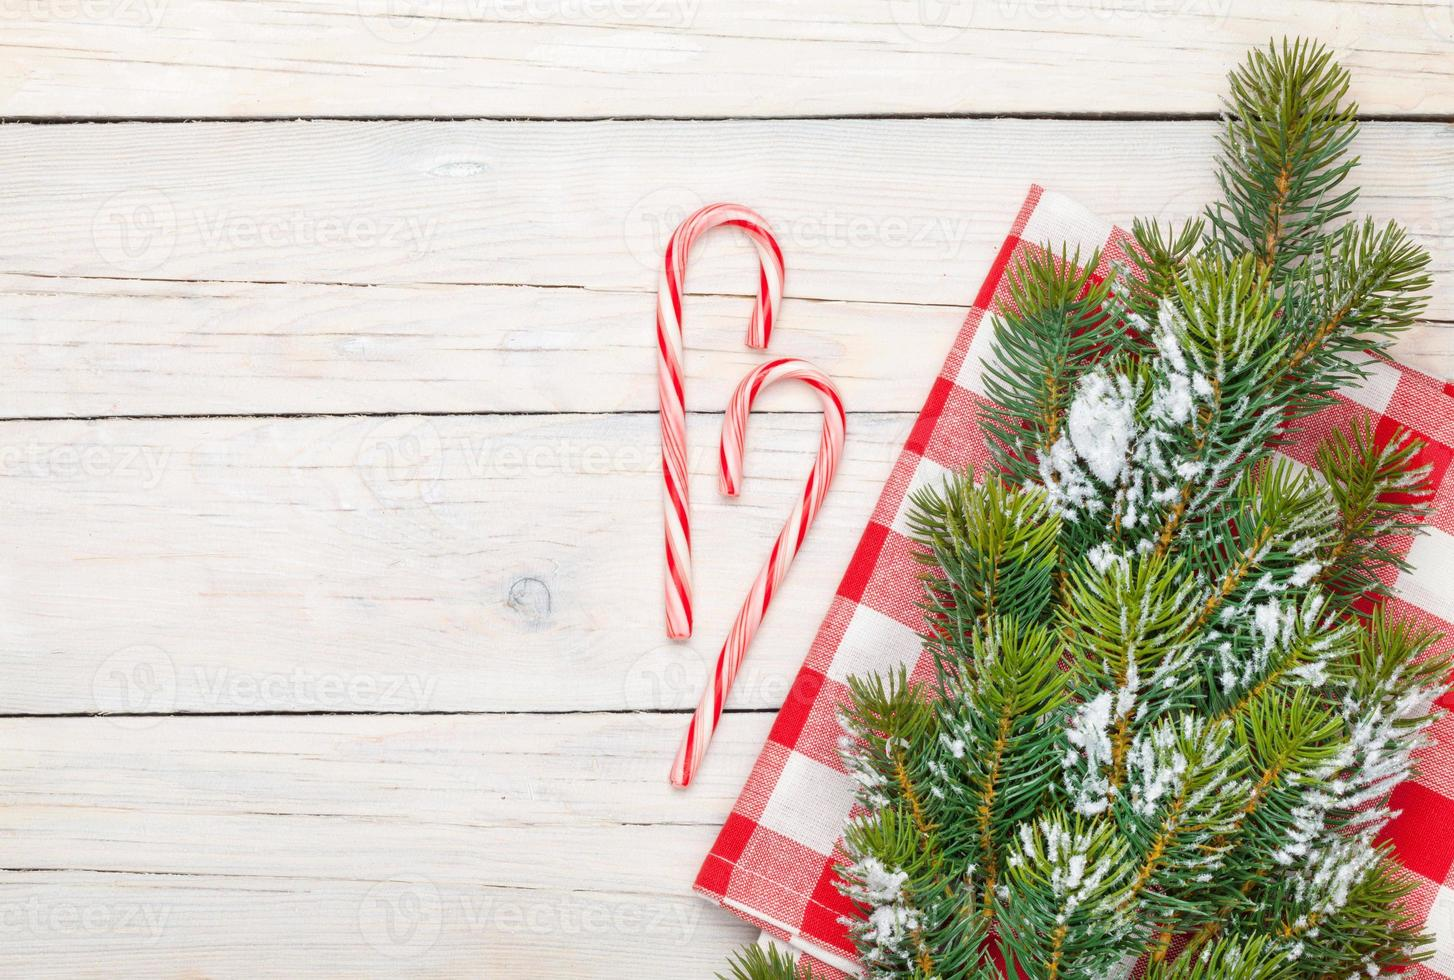 sfondo di Natale con zucchero filato e abete della neve foto